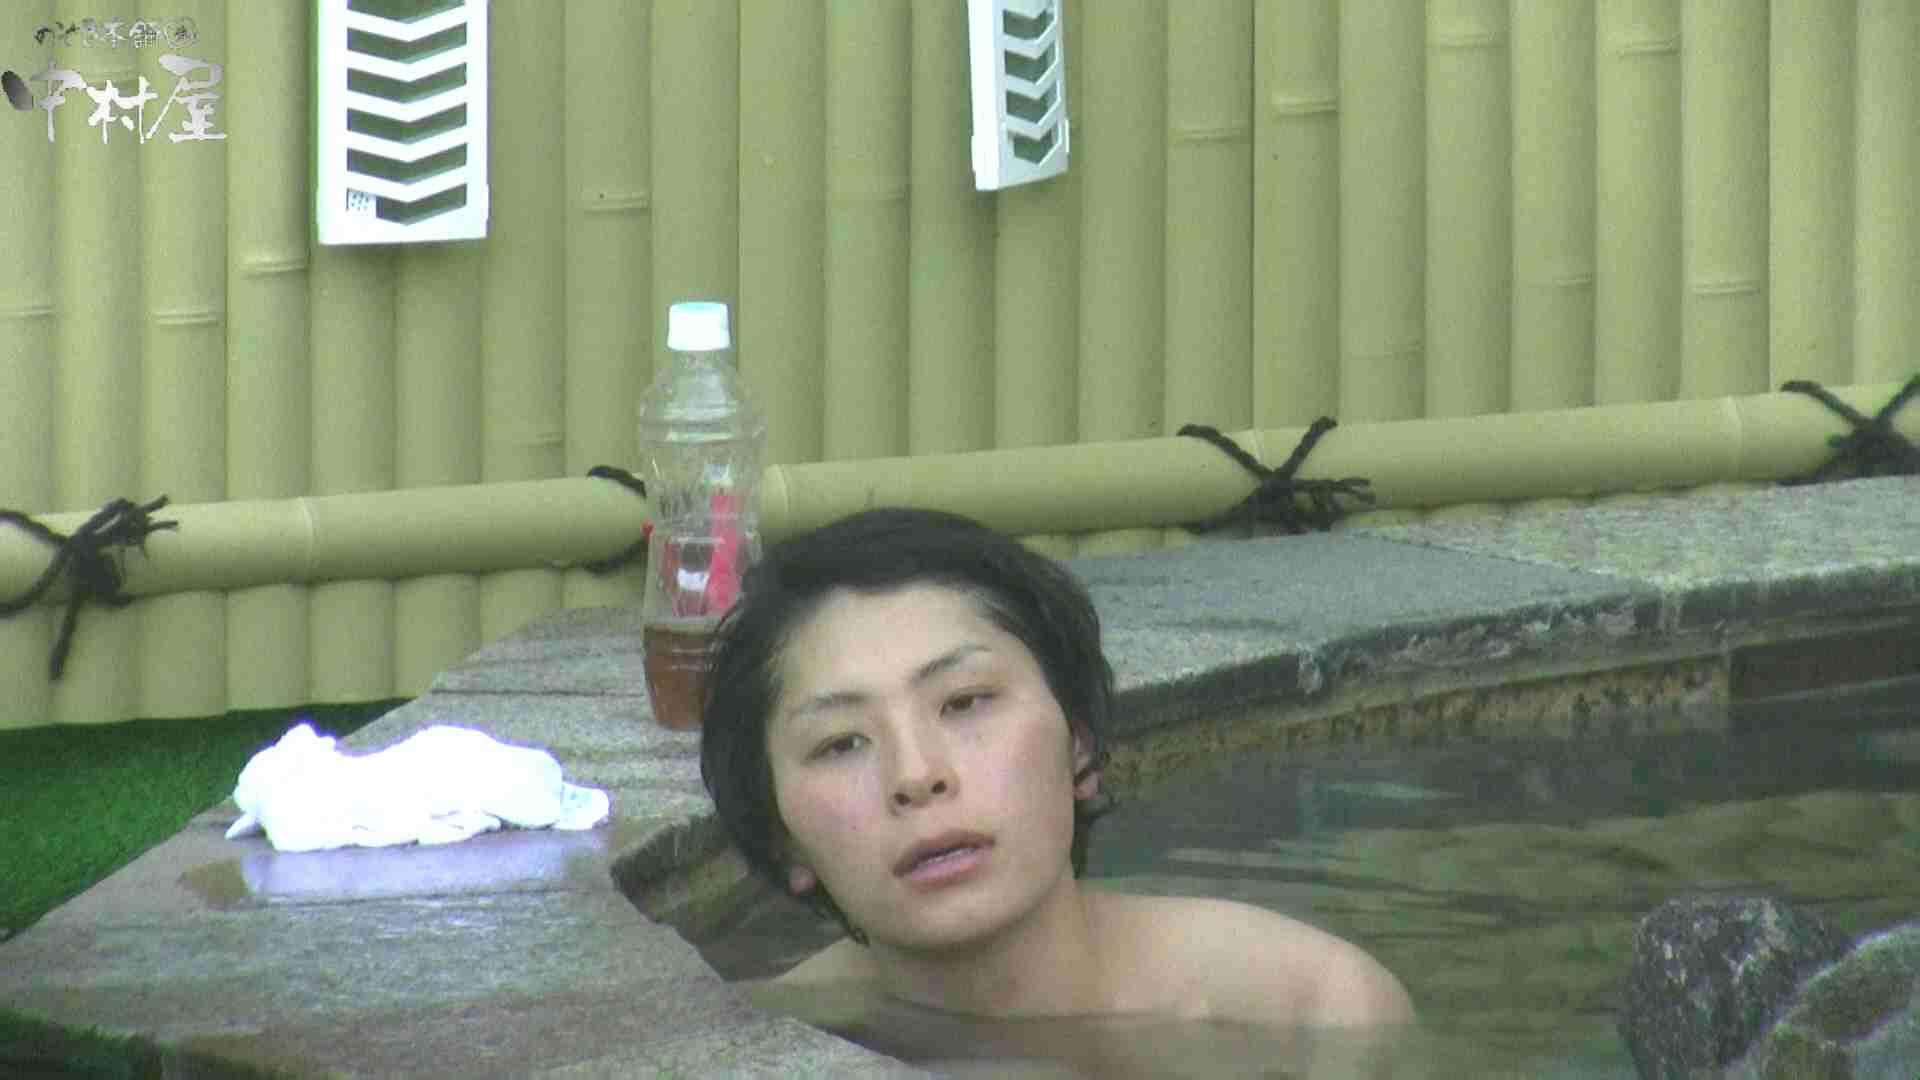 Aquaな露天風呂Vol.970 盗撮 オメコ無修正動画無料 97画像 26